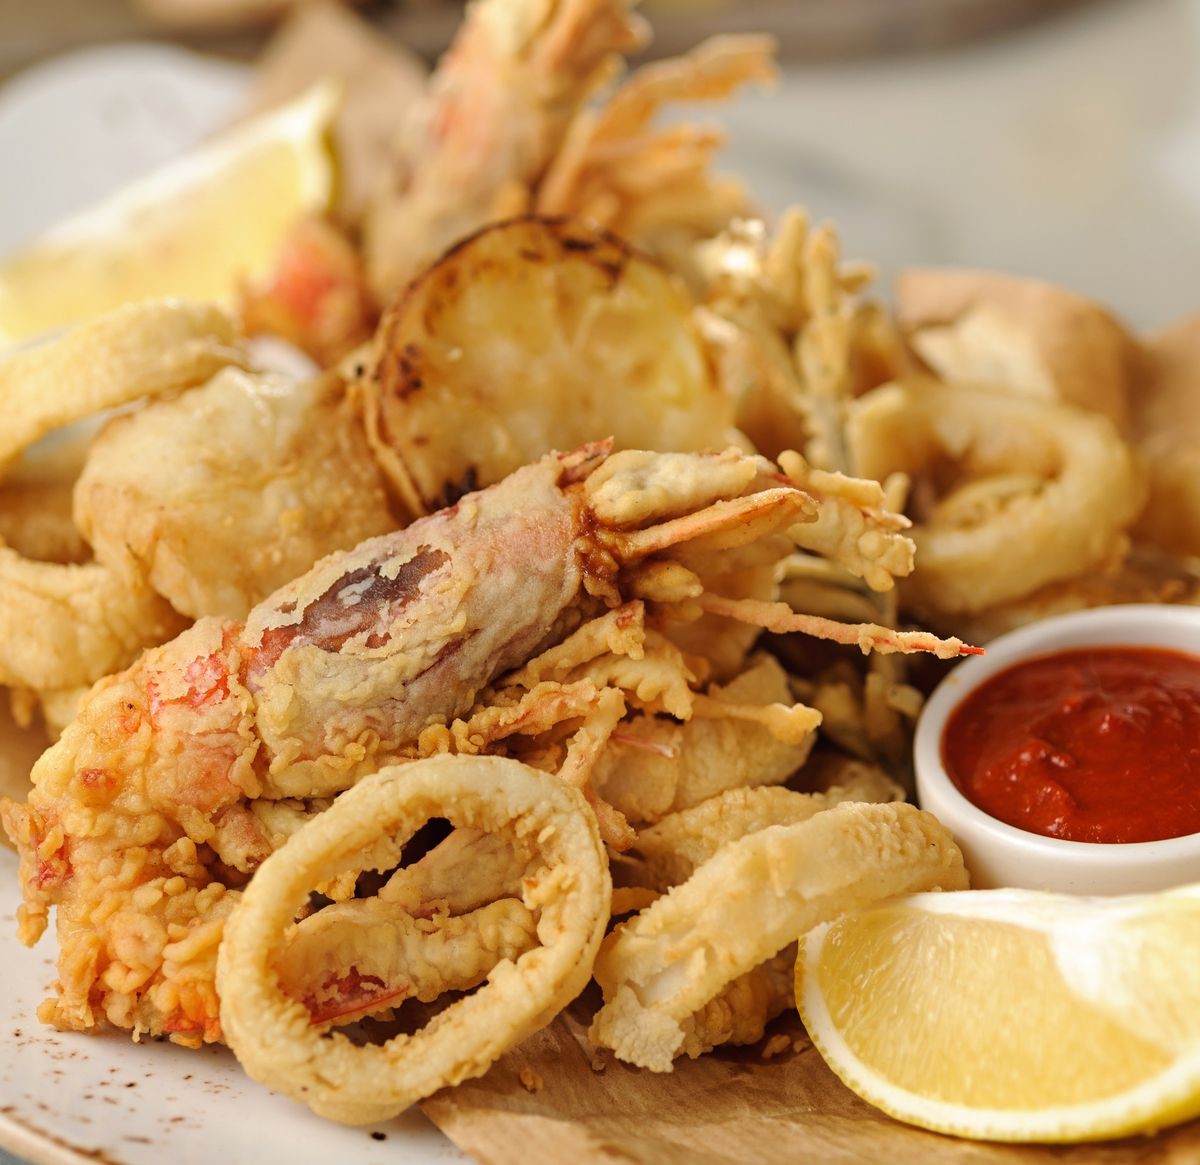 Delish! – The Fritto Portofino including calamari